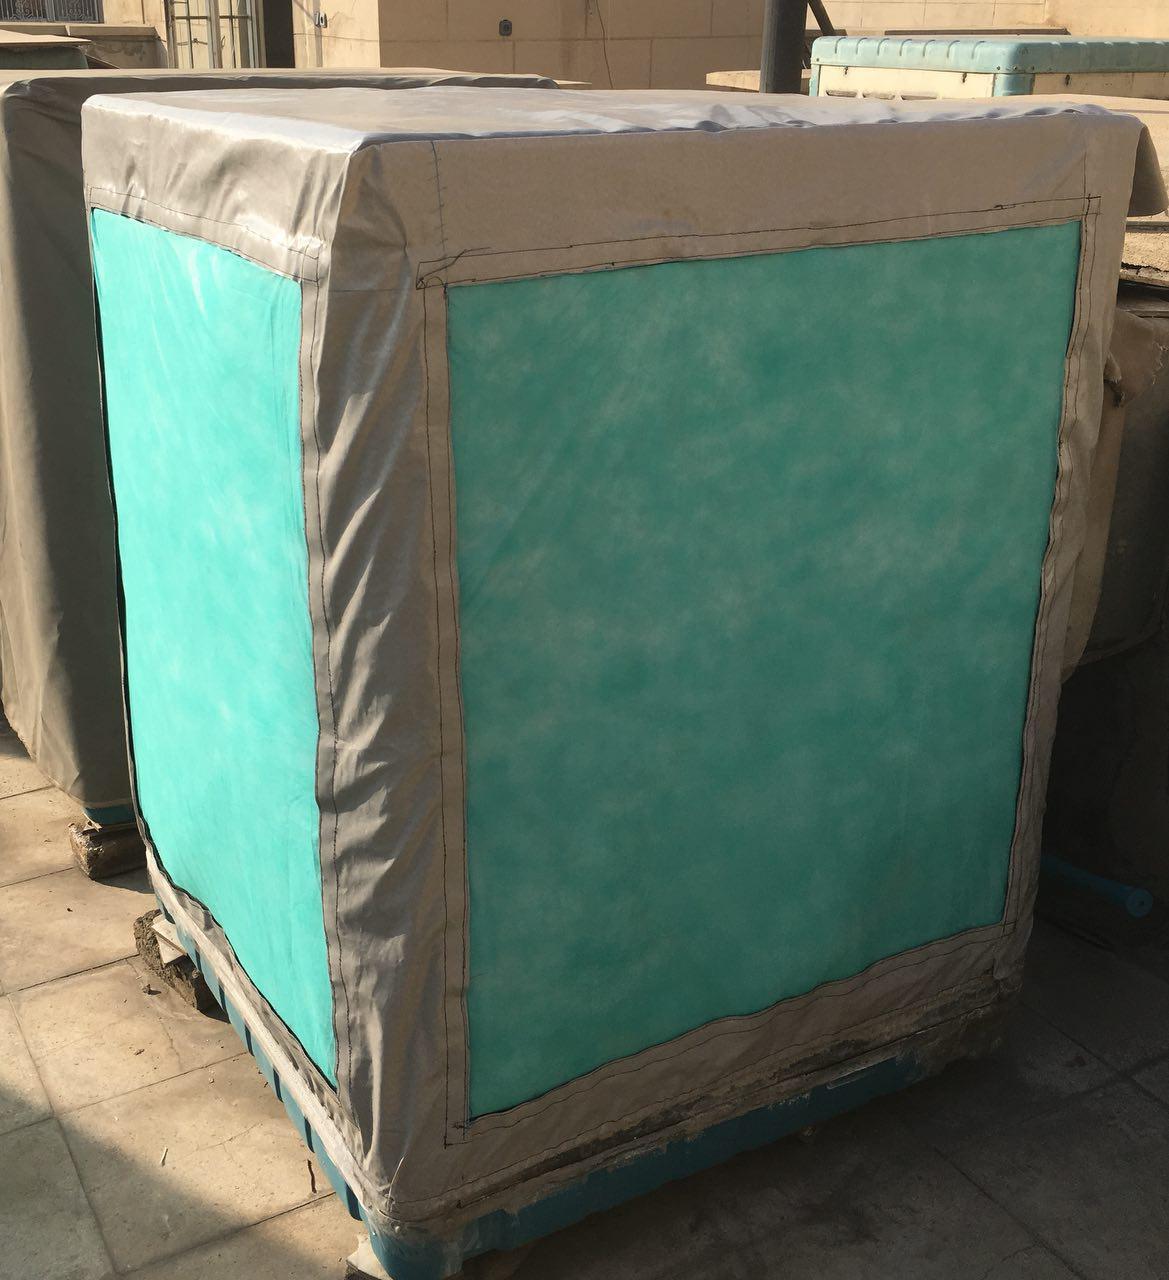 Antibacterial air filter of evaporative cooler